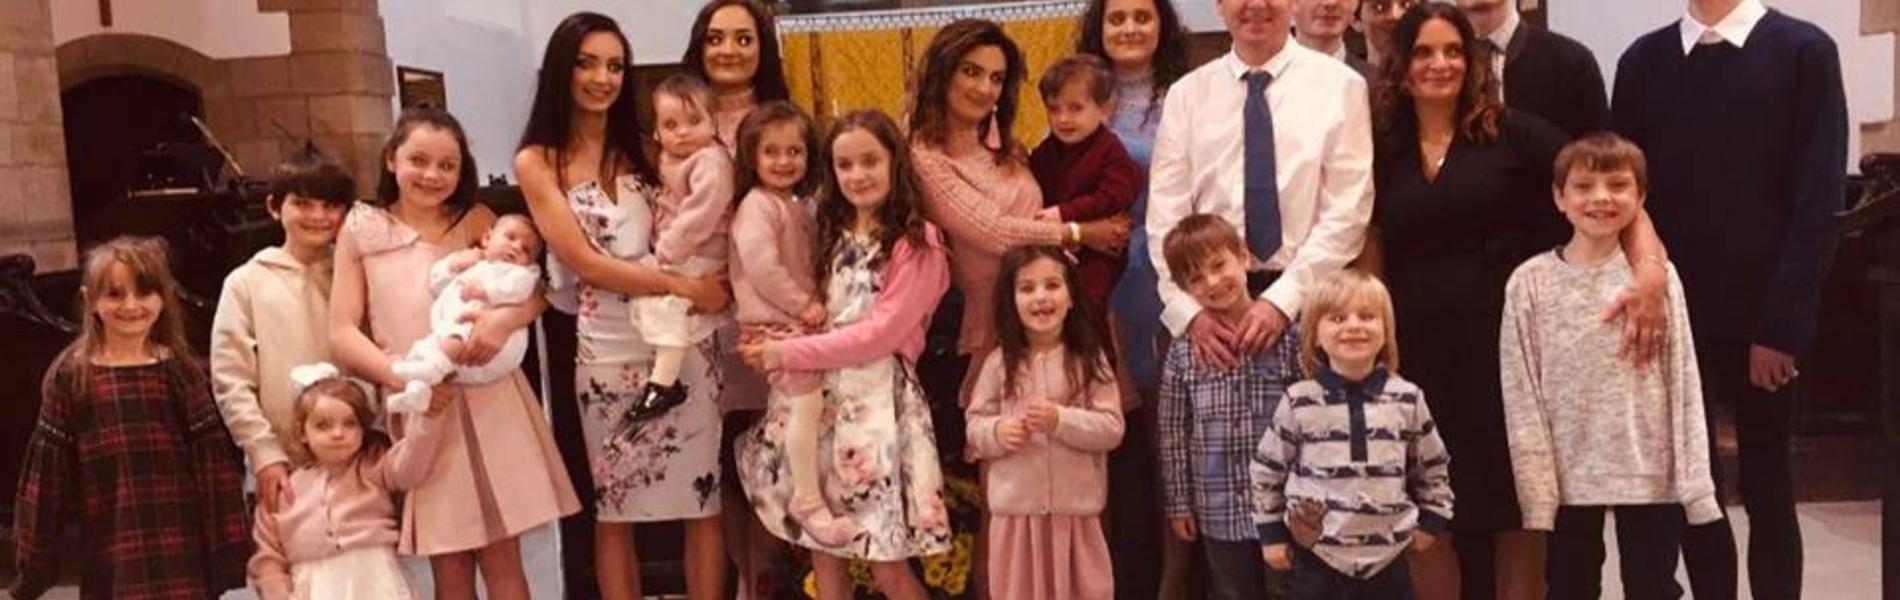 המשפחה הגדולה בבריטניה מצפה לילדה ה-21